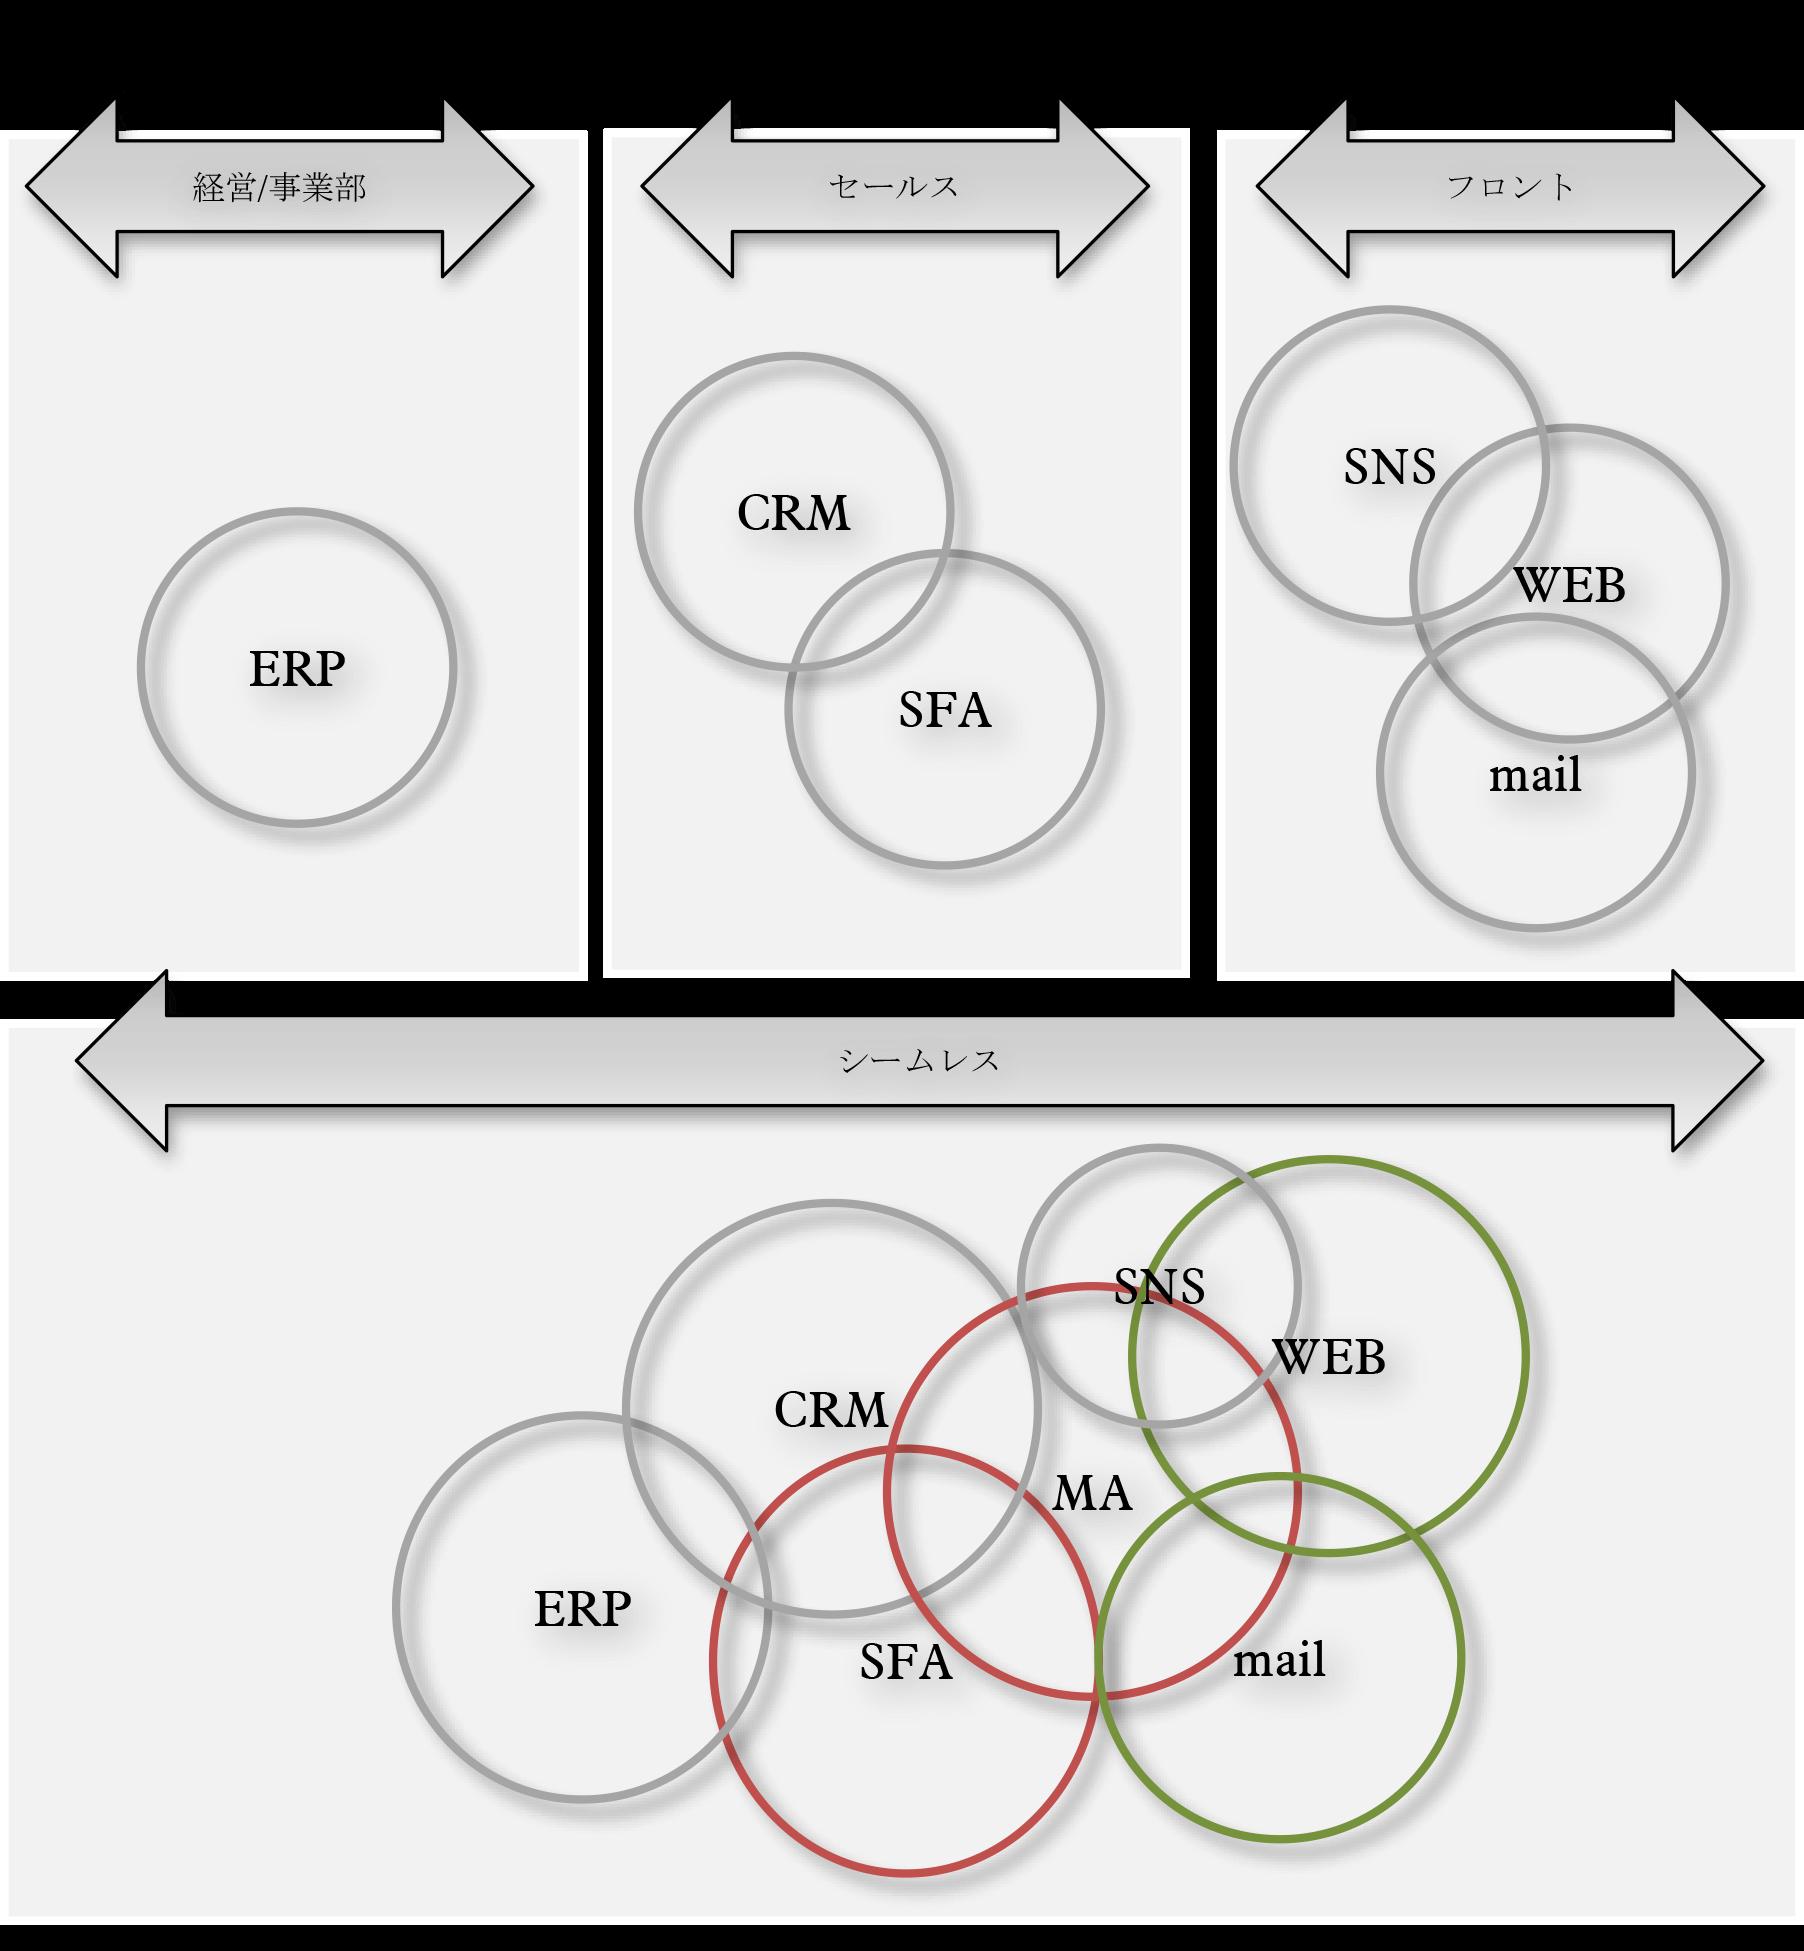 企業内マーケティングシステム変革図